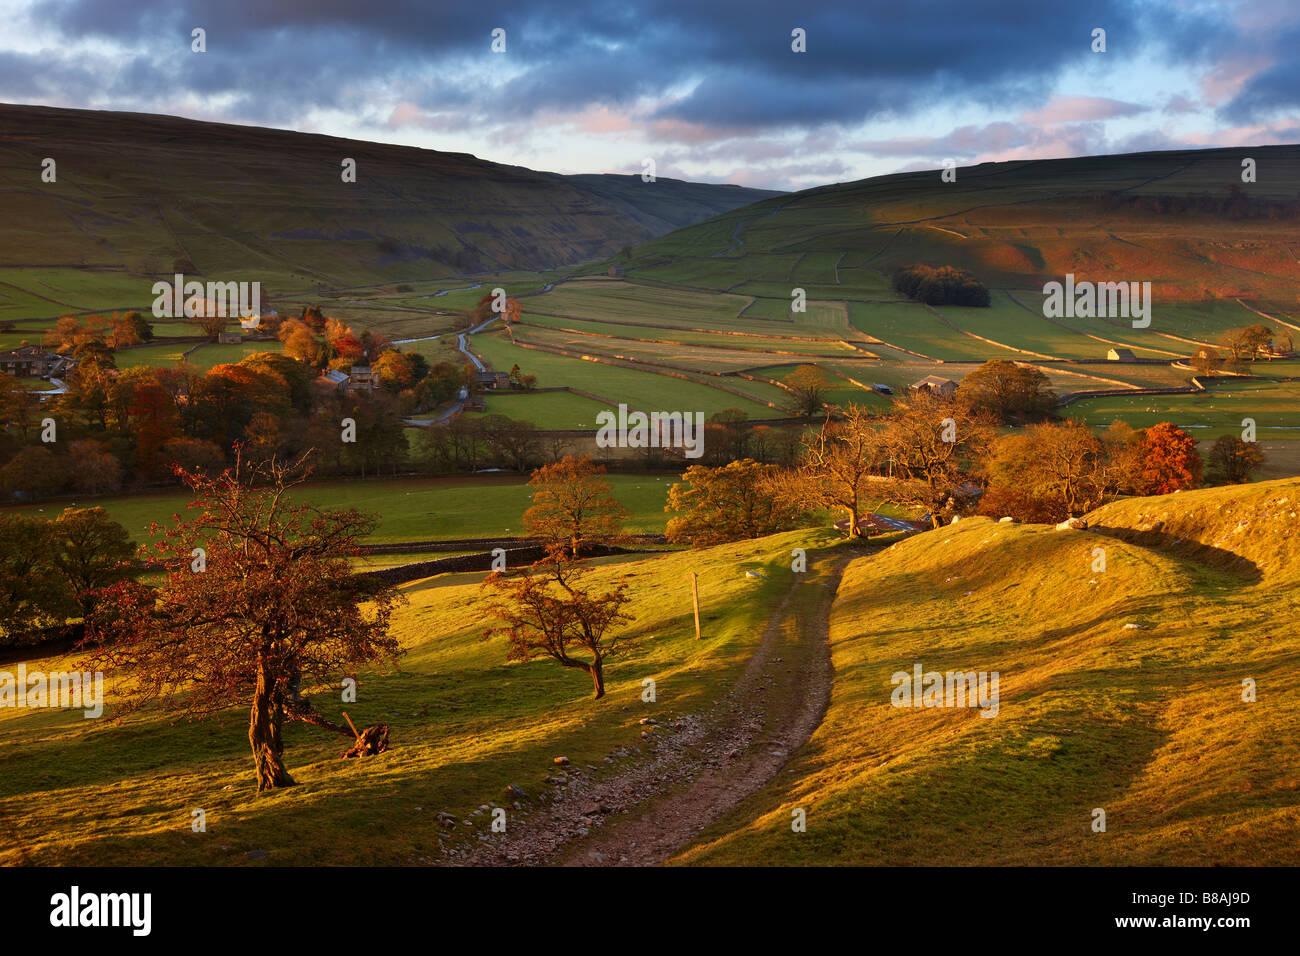 erstes Licht auf die Herbstfarben am Arncliffe in Littondale, Yorkshire Dales National Park, England, UK Stockbild